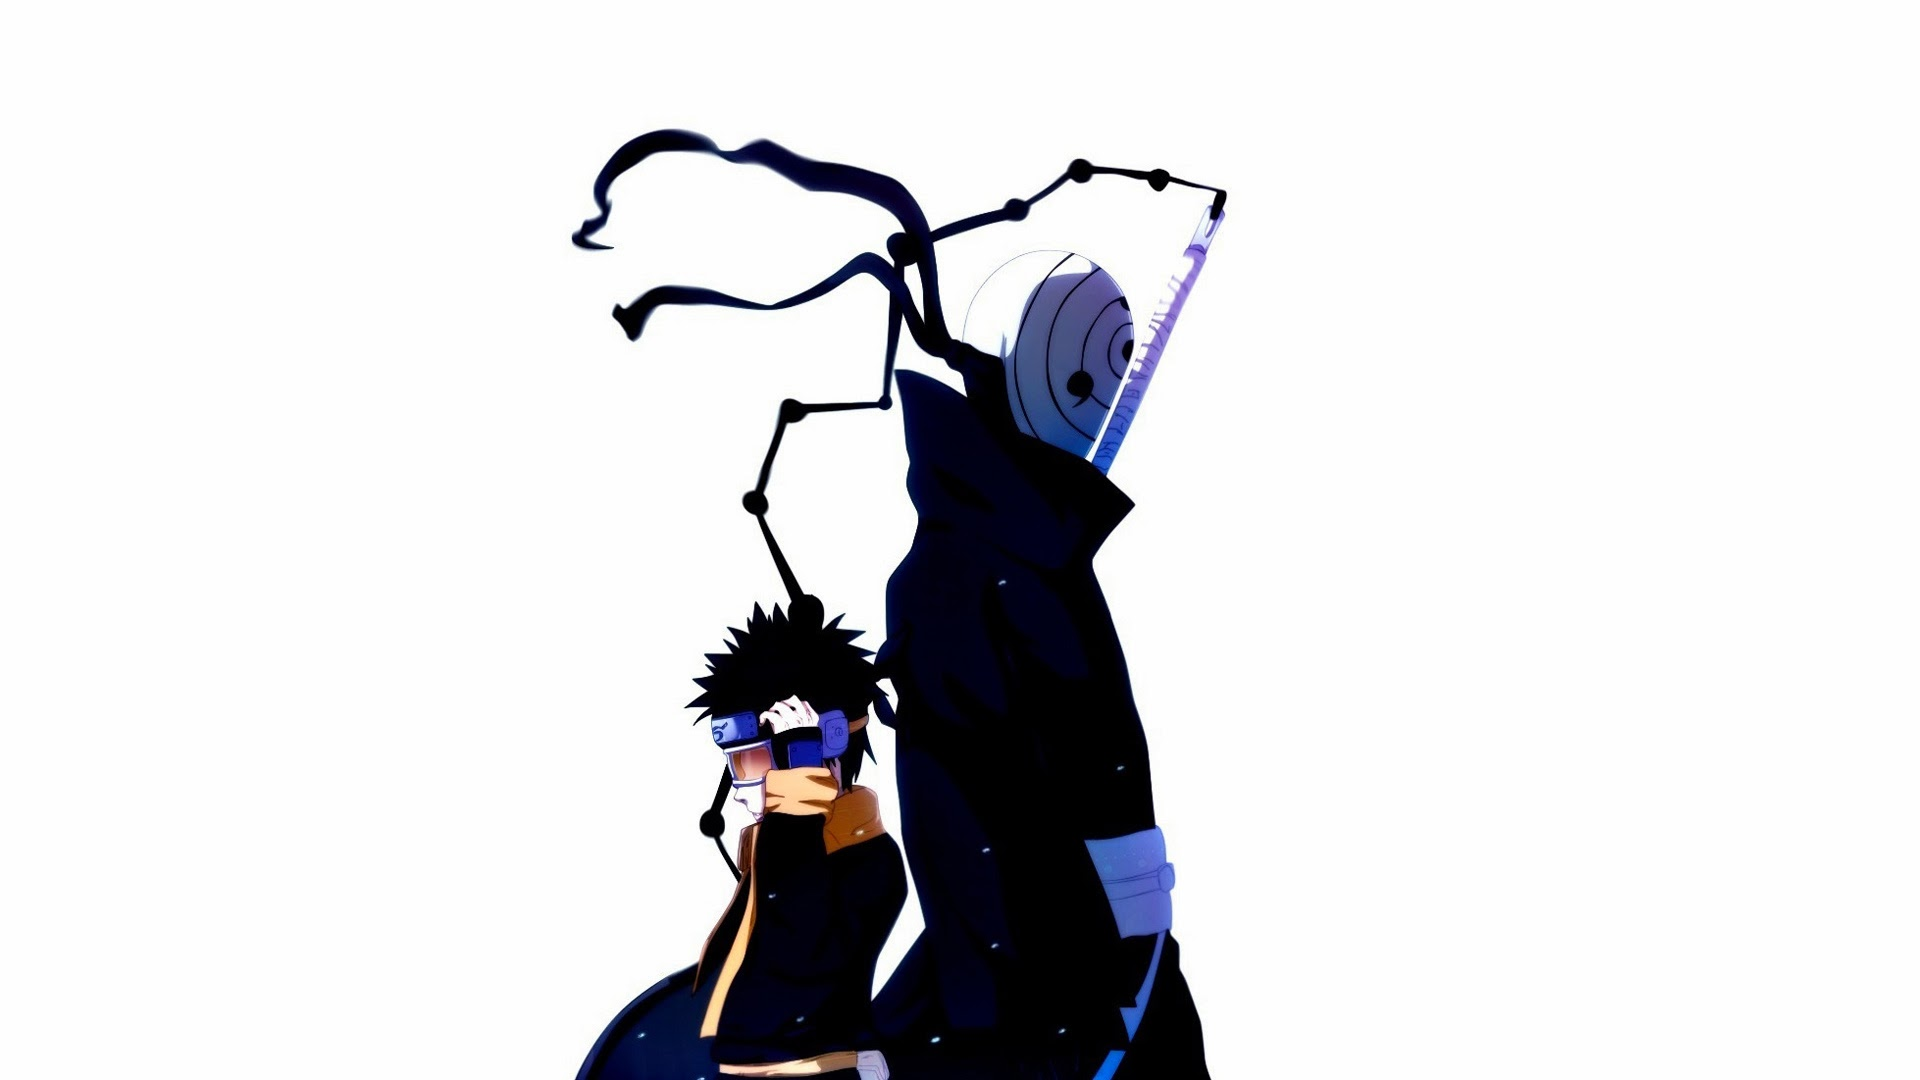 Obito Uchiha Anime Picture 3s Wallpaper HD 1920x1080